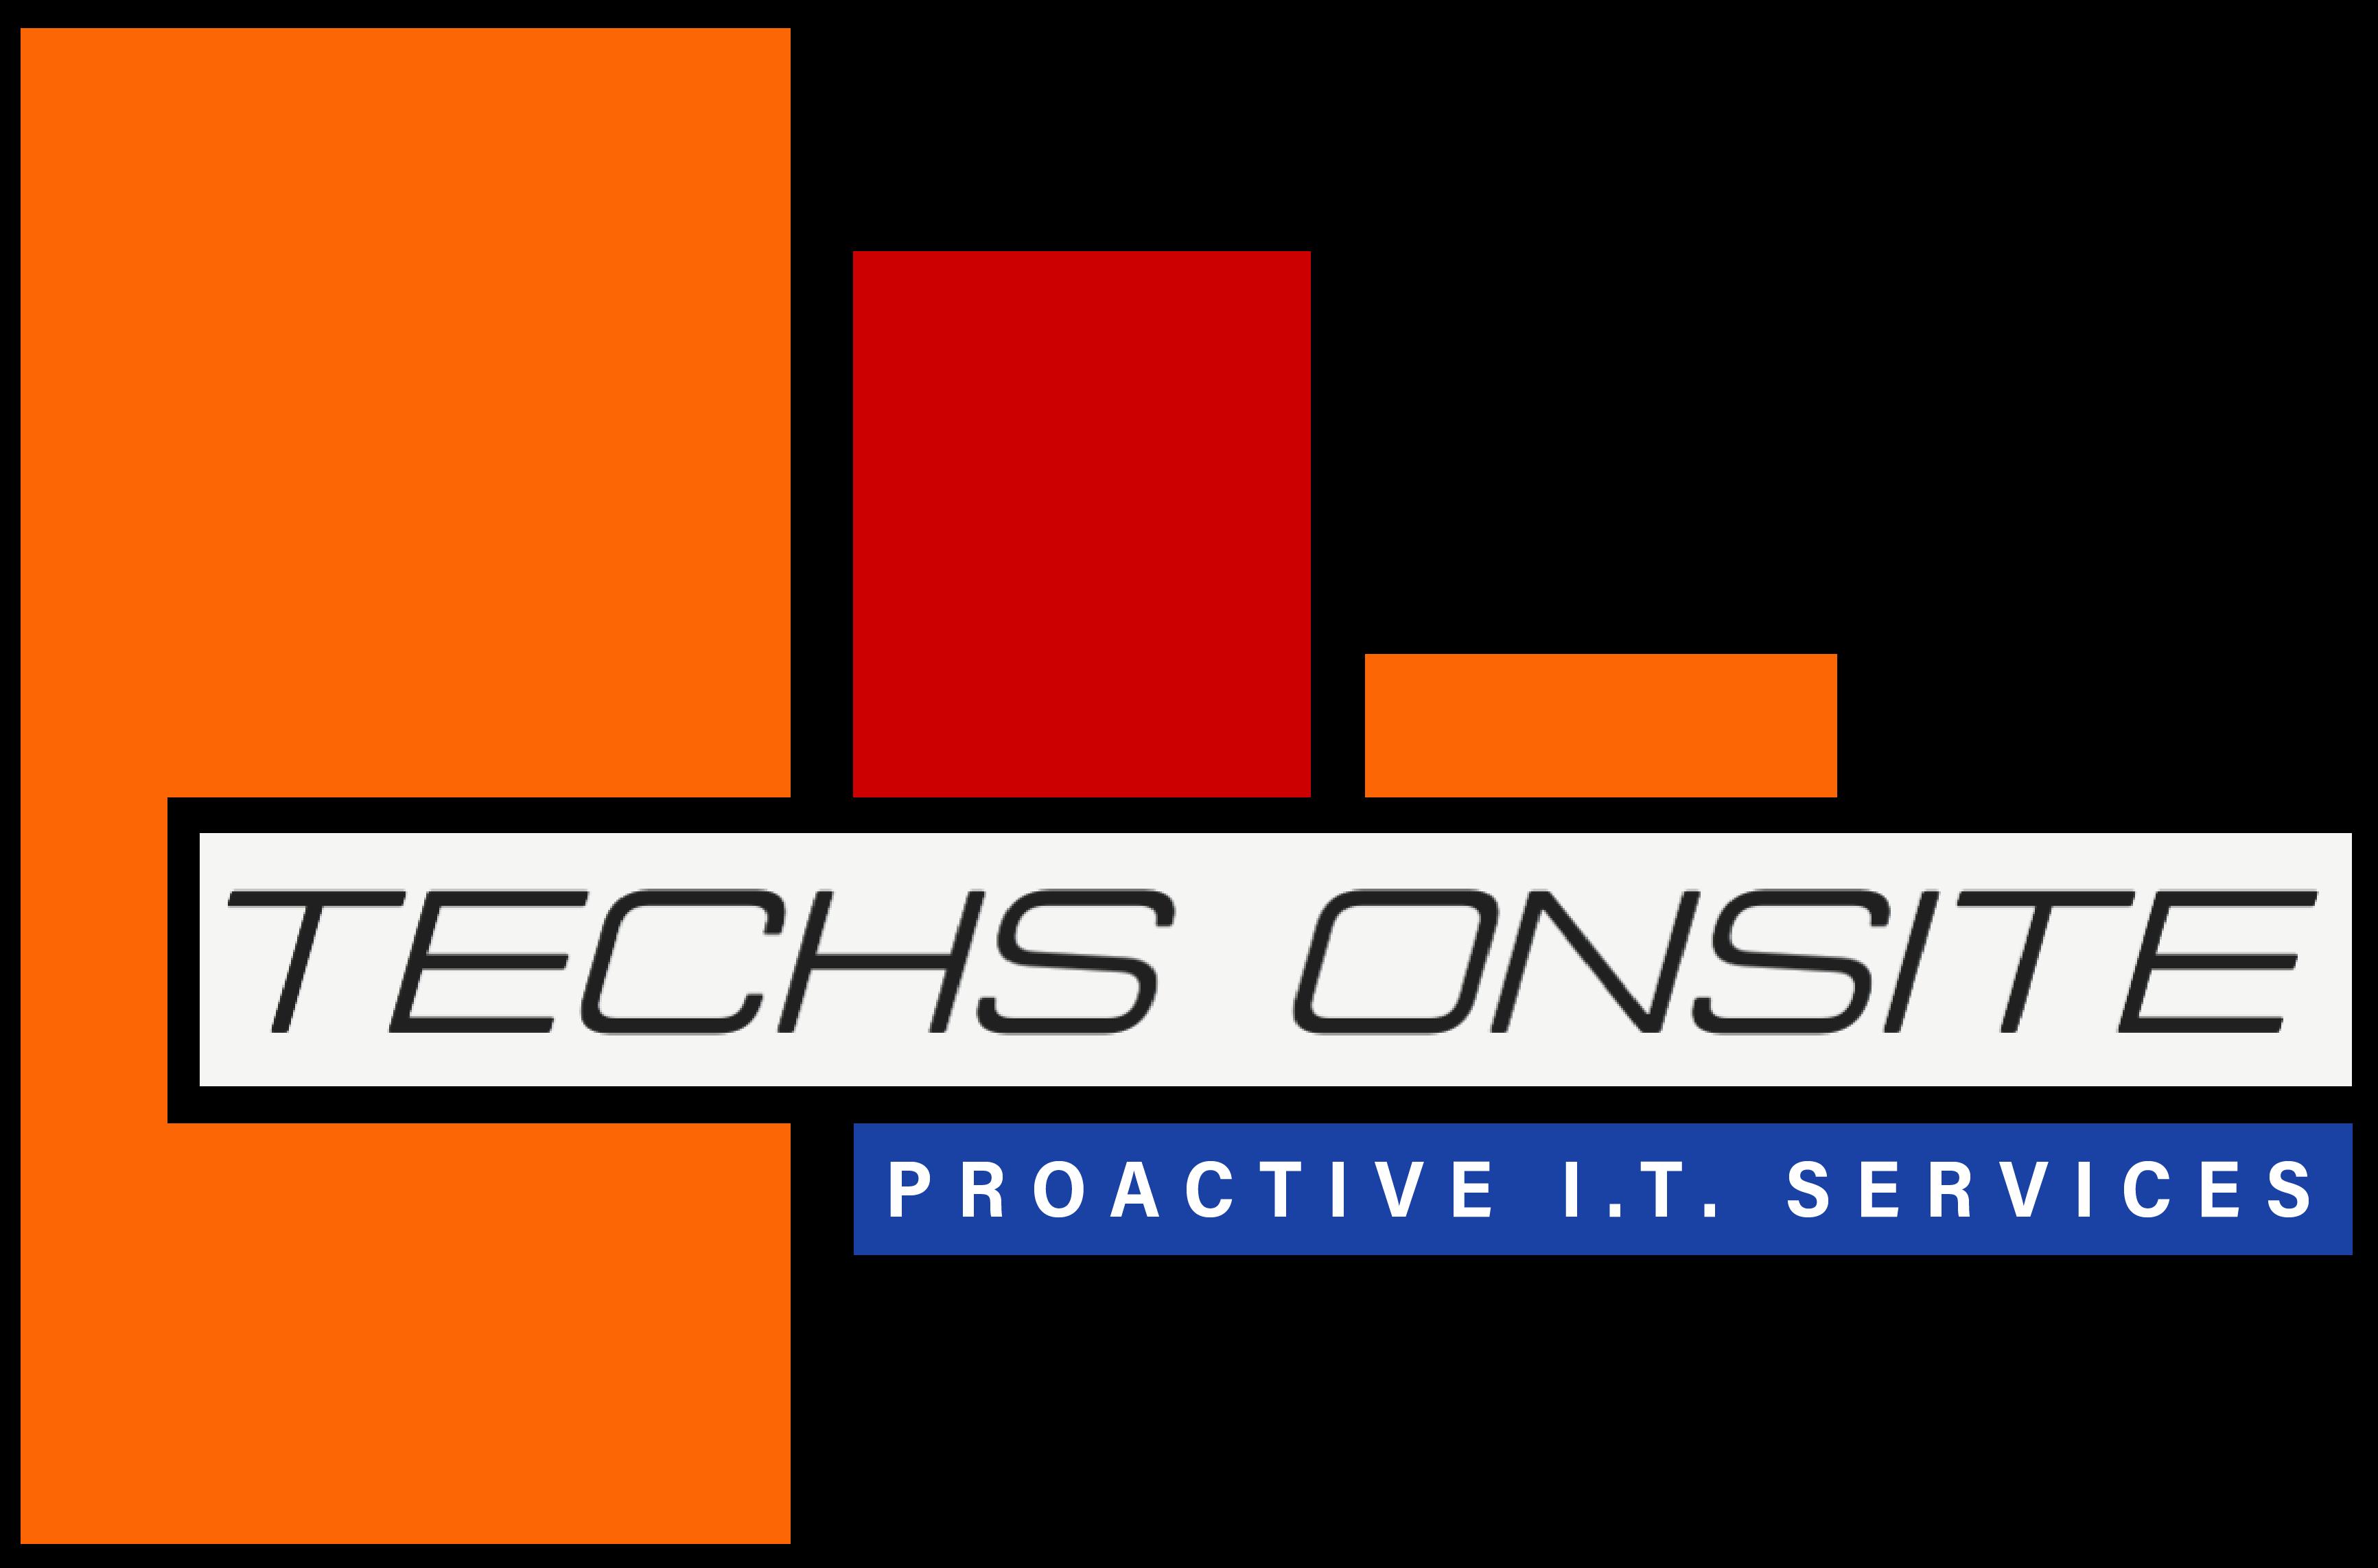 Techs Onsite